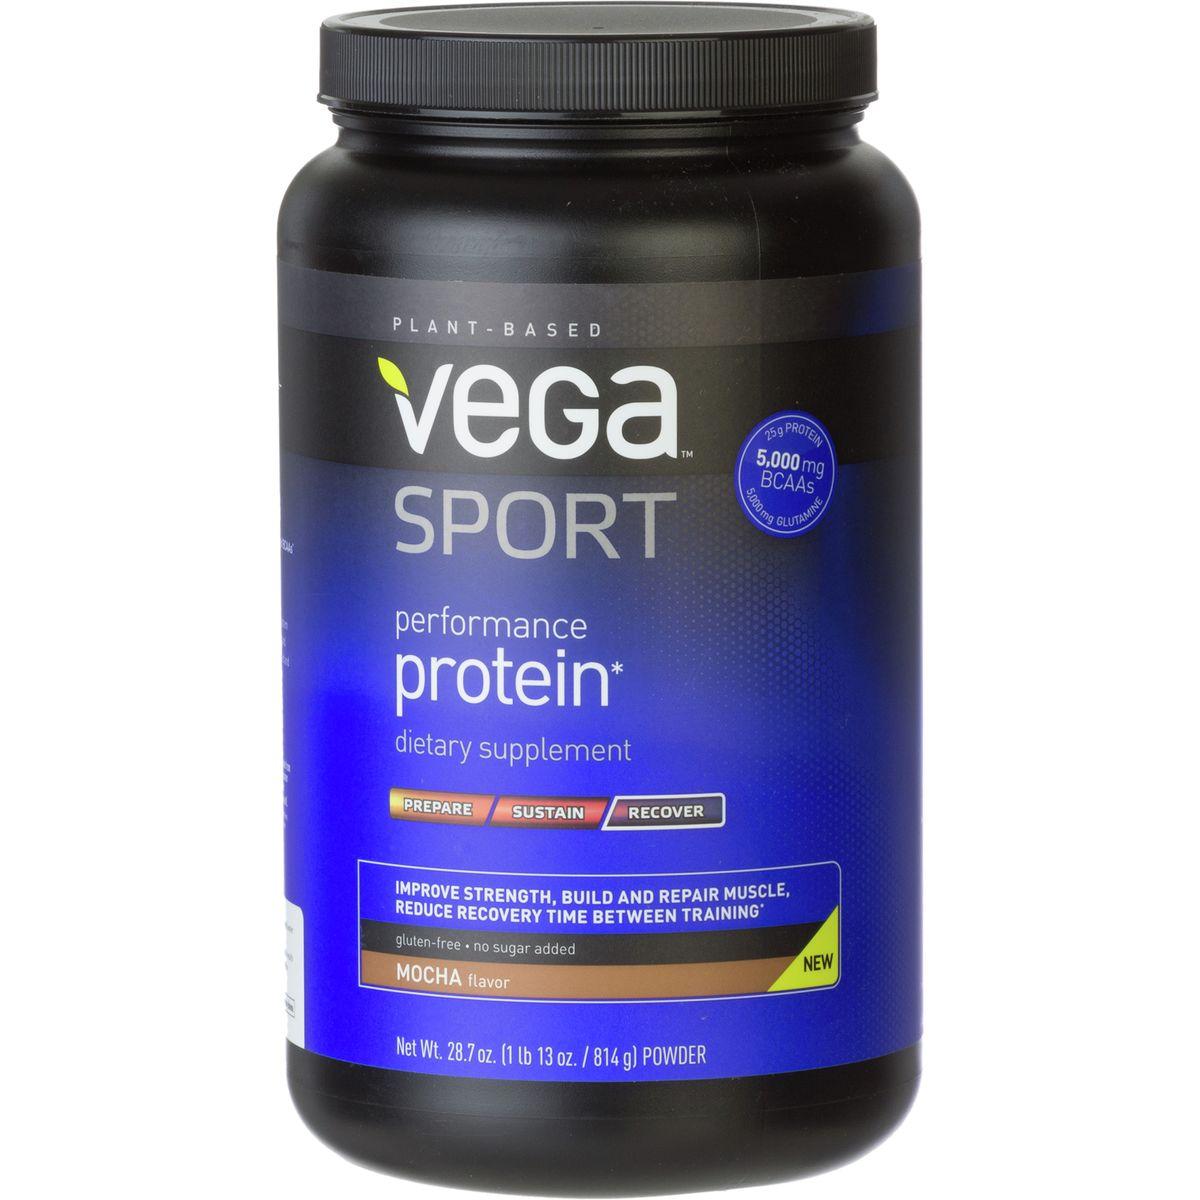 Vega Sport